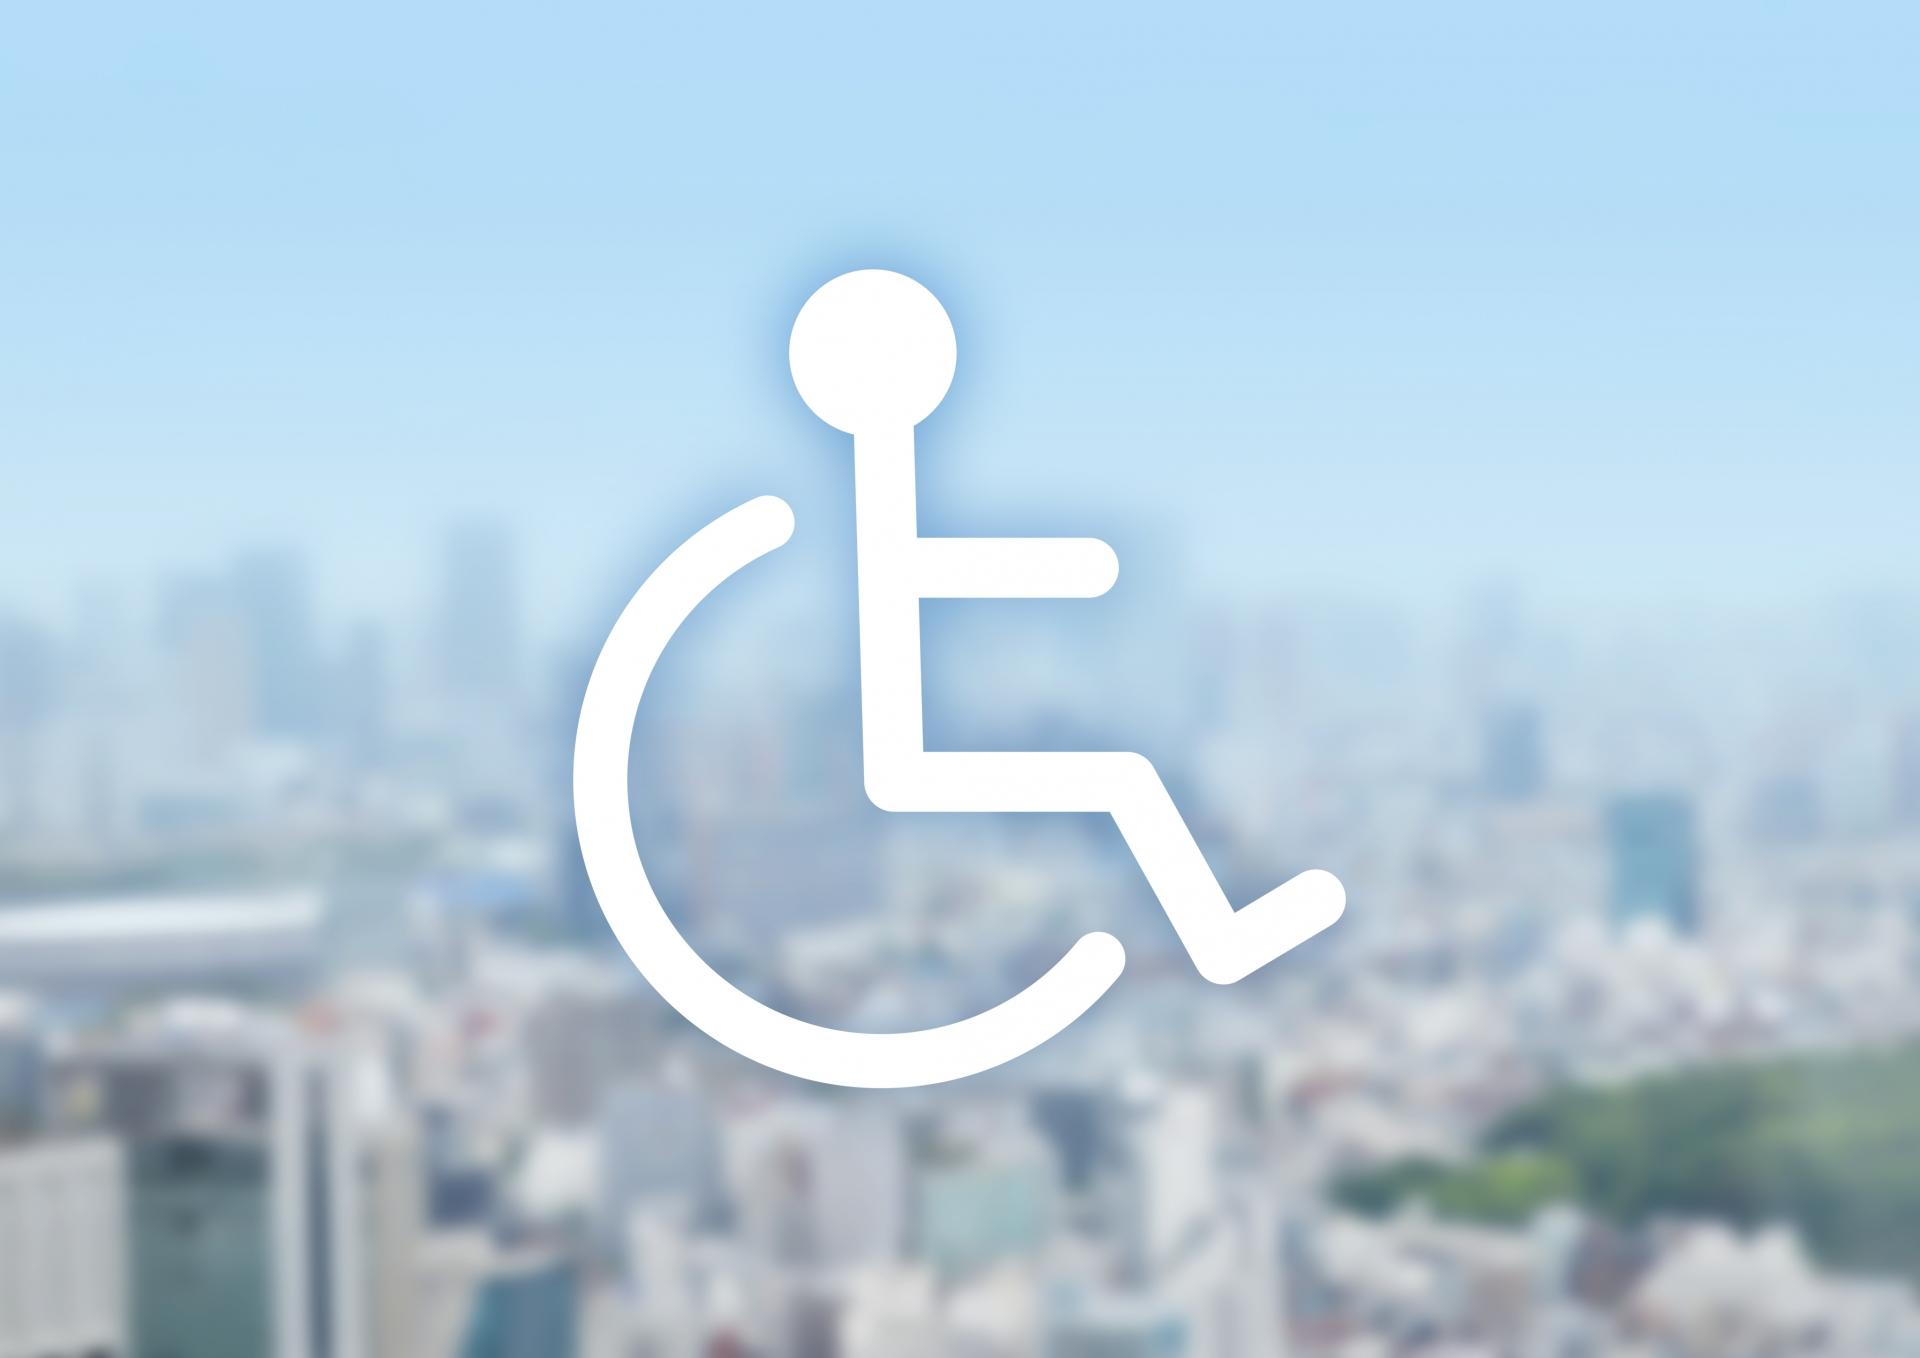 障害者シンボルマークと街並み